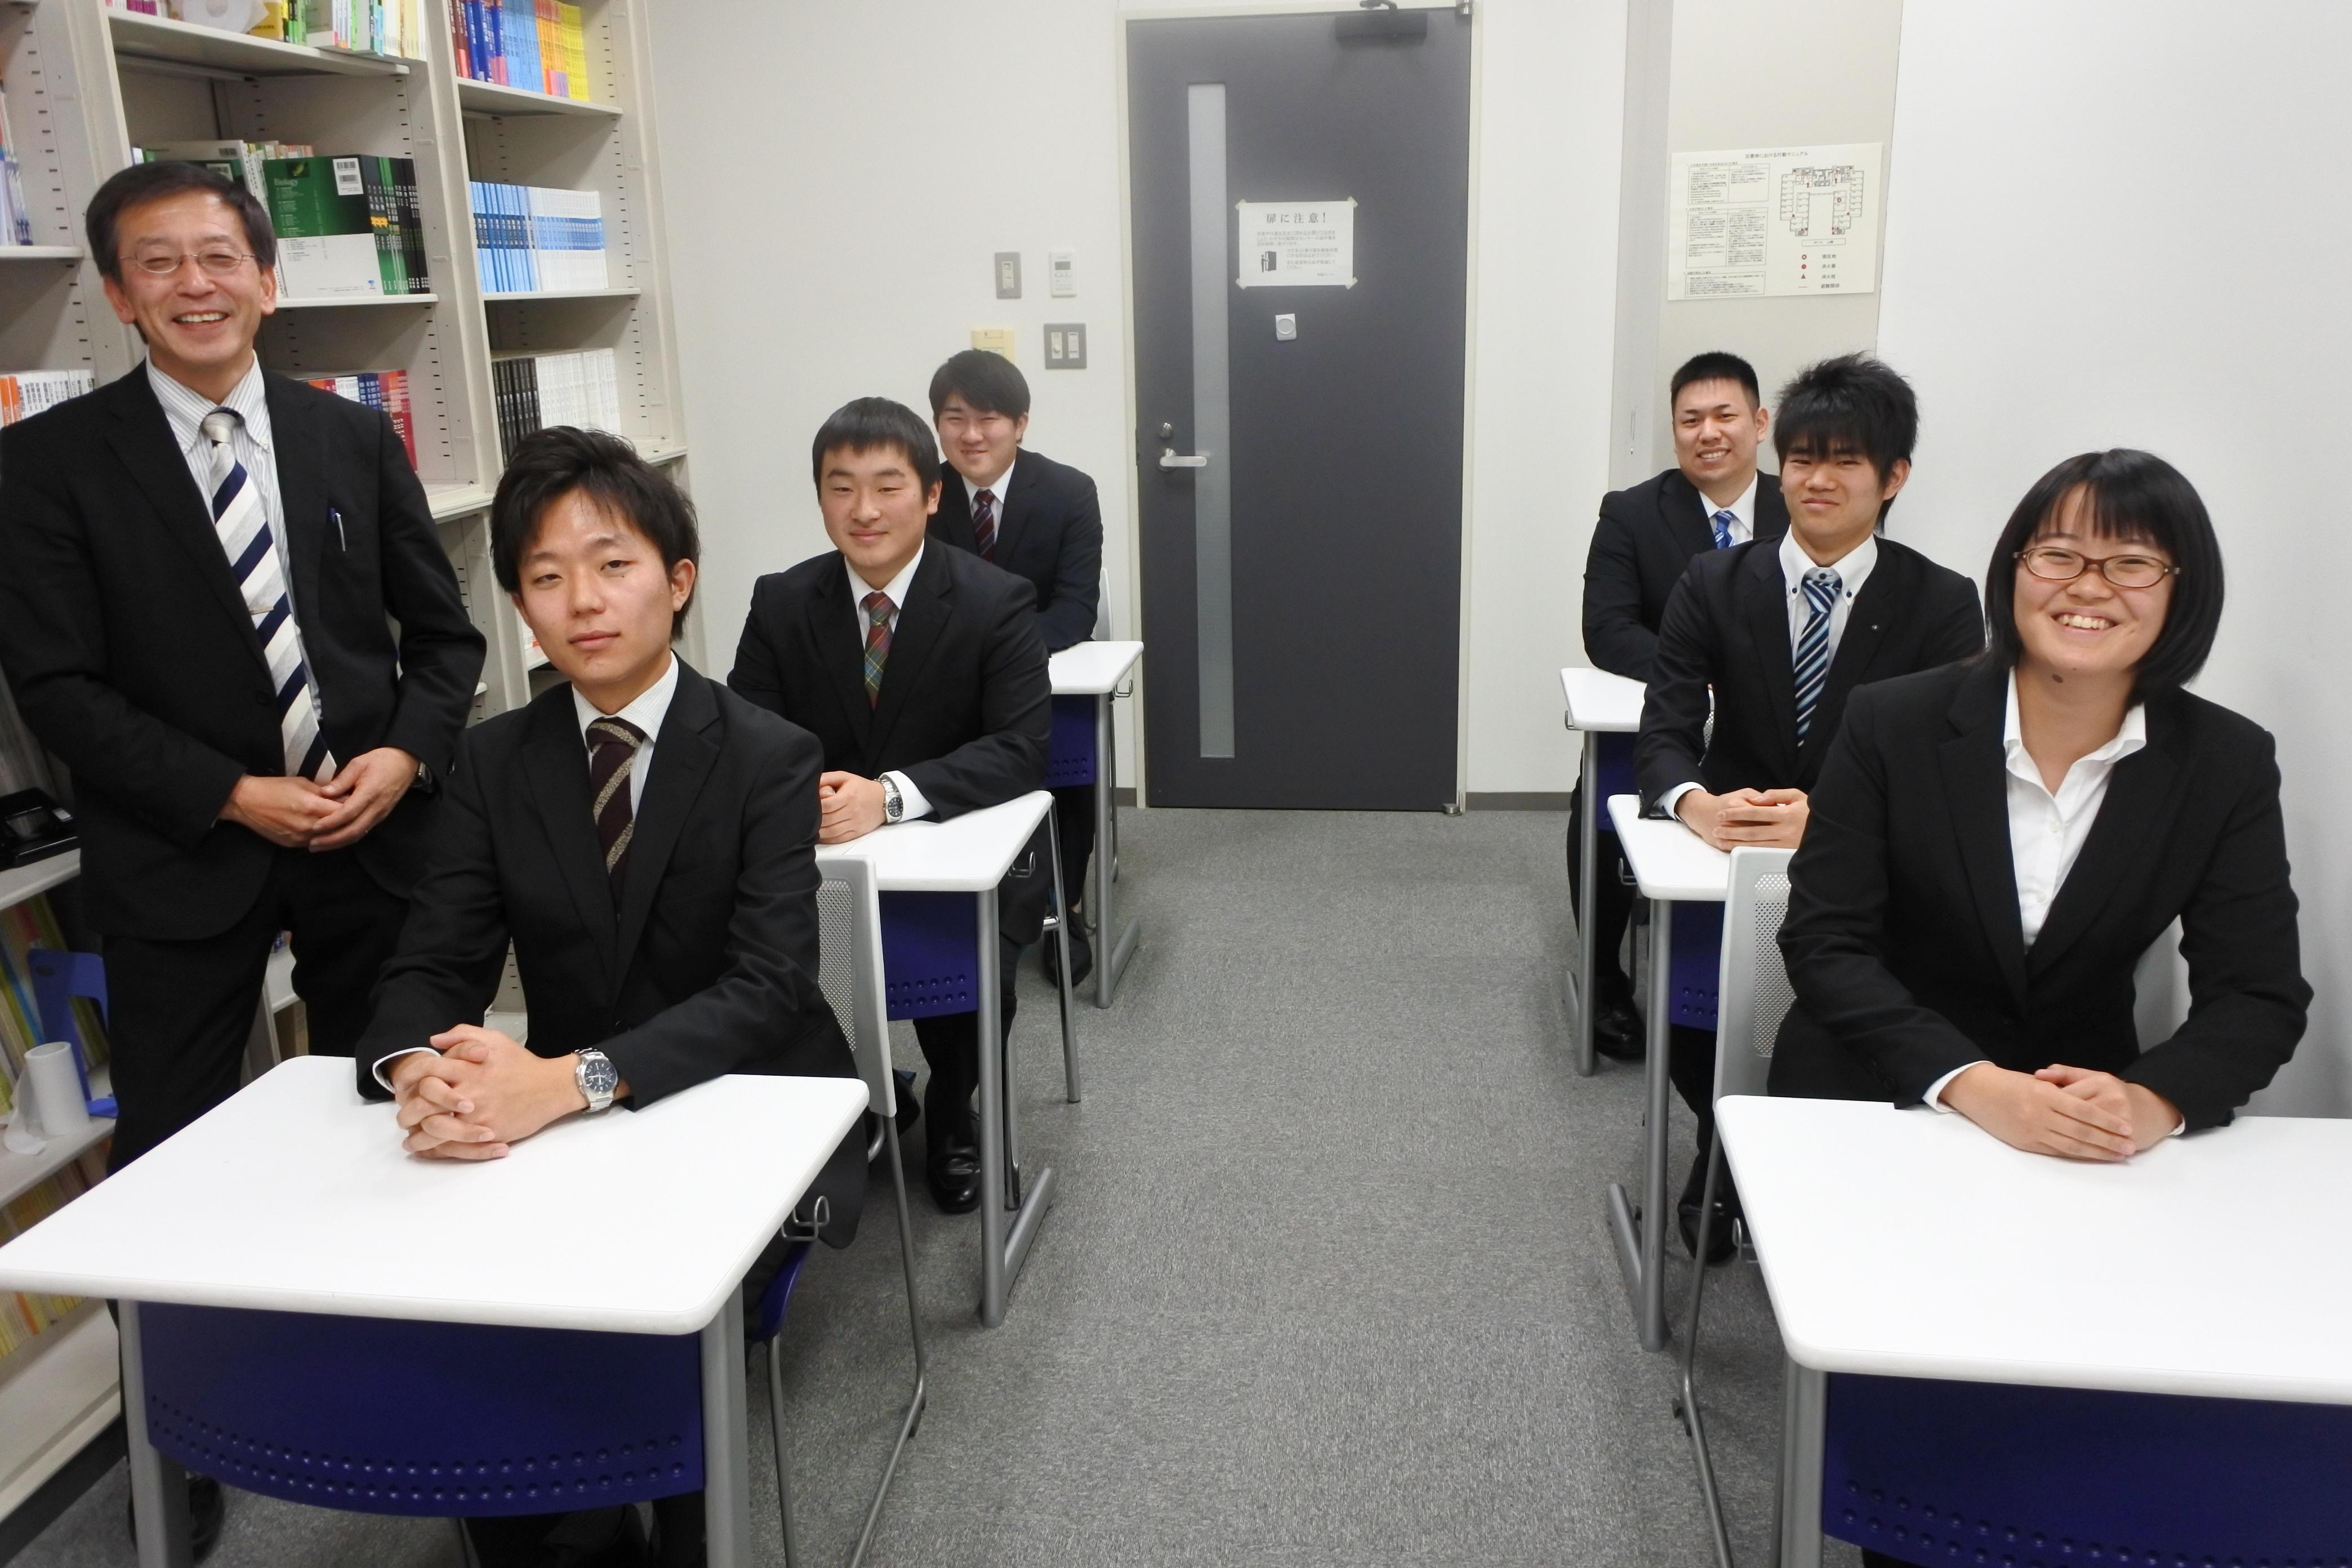 天白キャンパス・タワー75の教職学習室に集まった(右から)村田さん、鳥居さん、谷下さん、榊原有吾さん、三尾さん、榊原伶兼さん、曽山教授